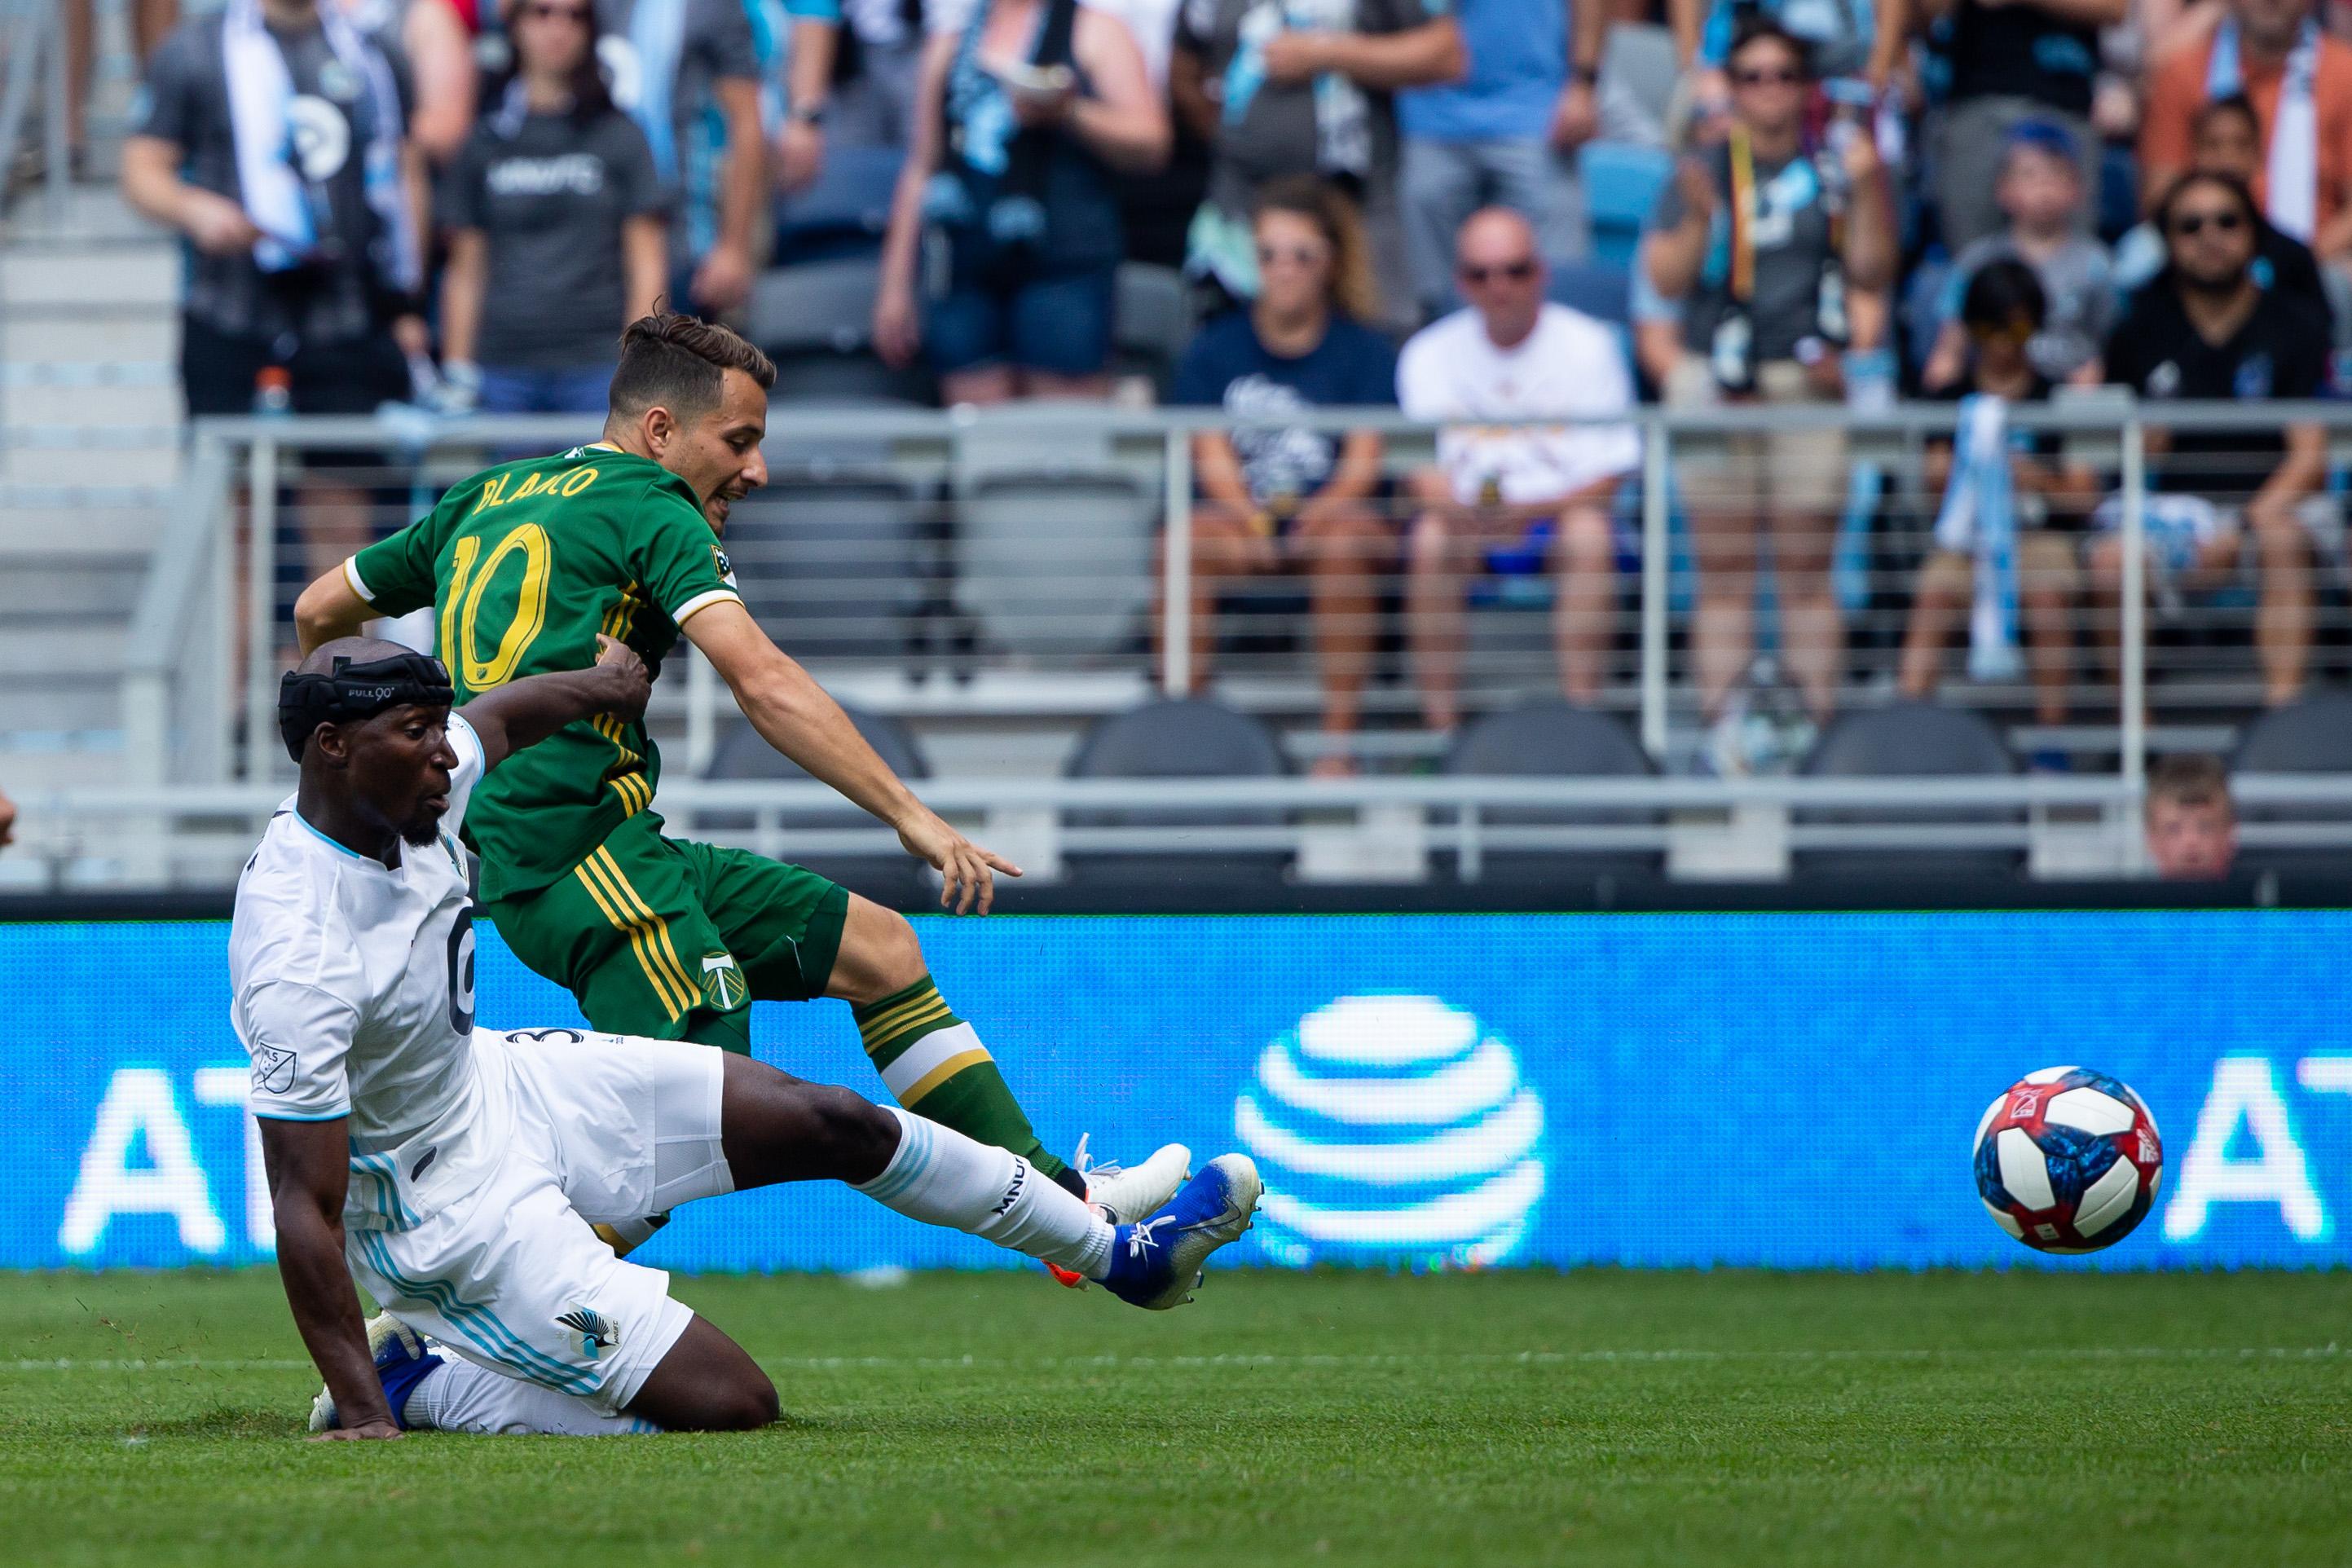 MLS: Portland Timbers at Minnesota United FC